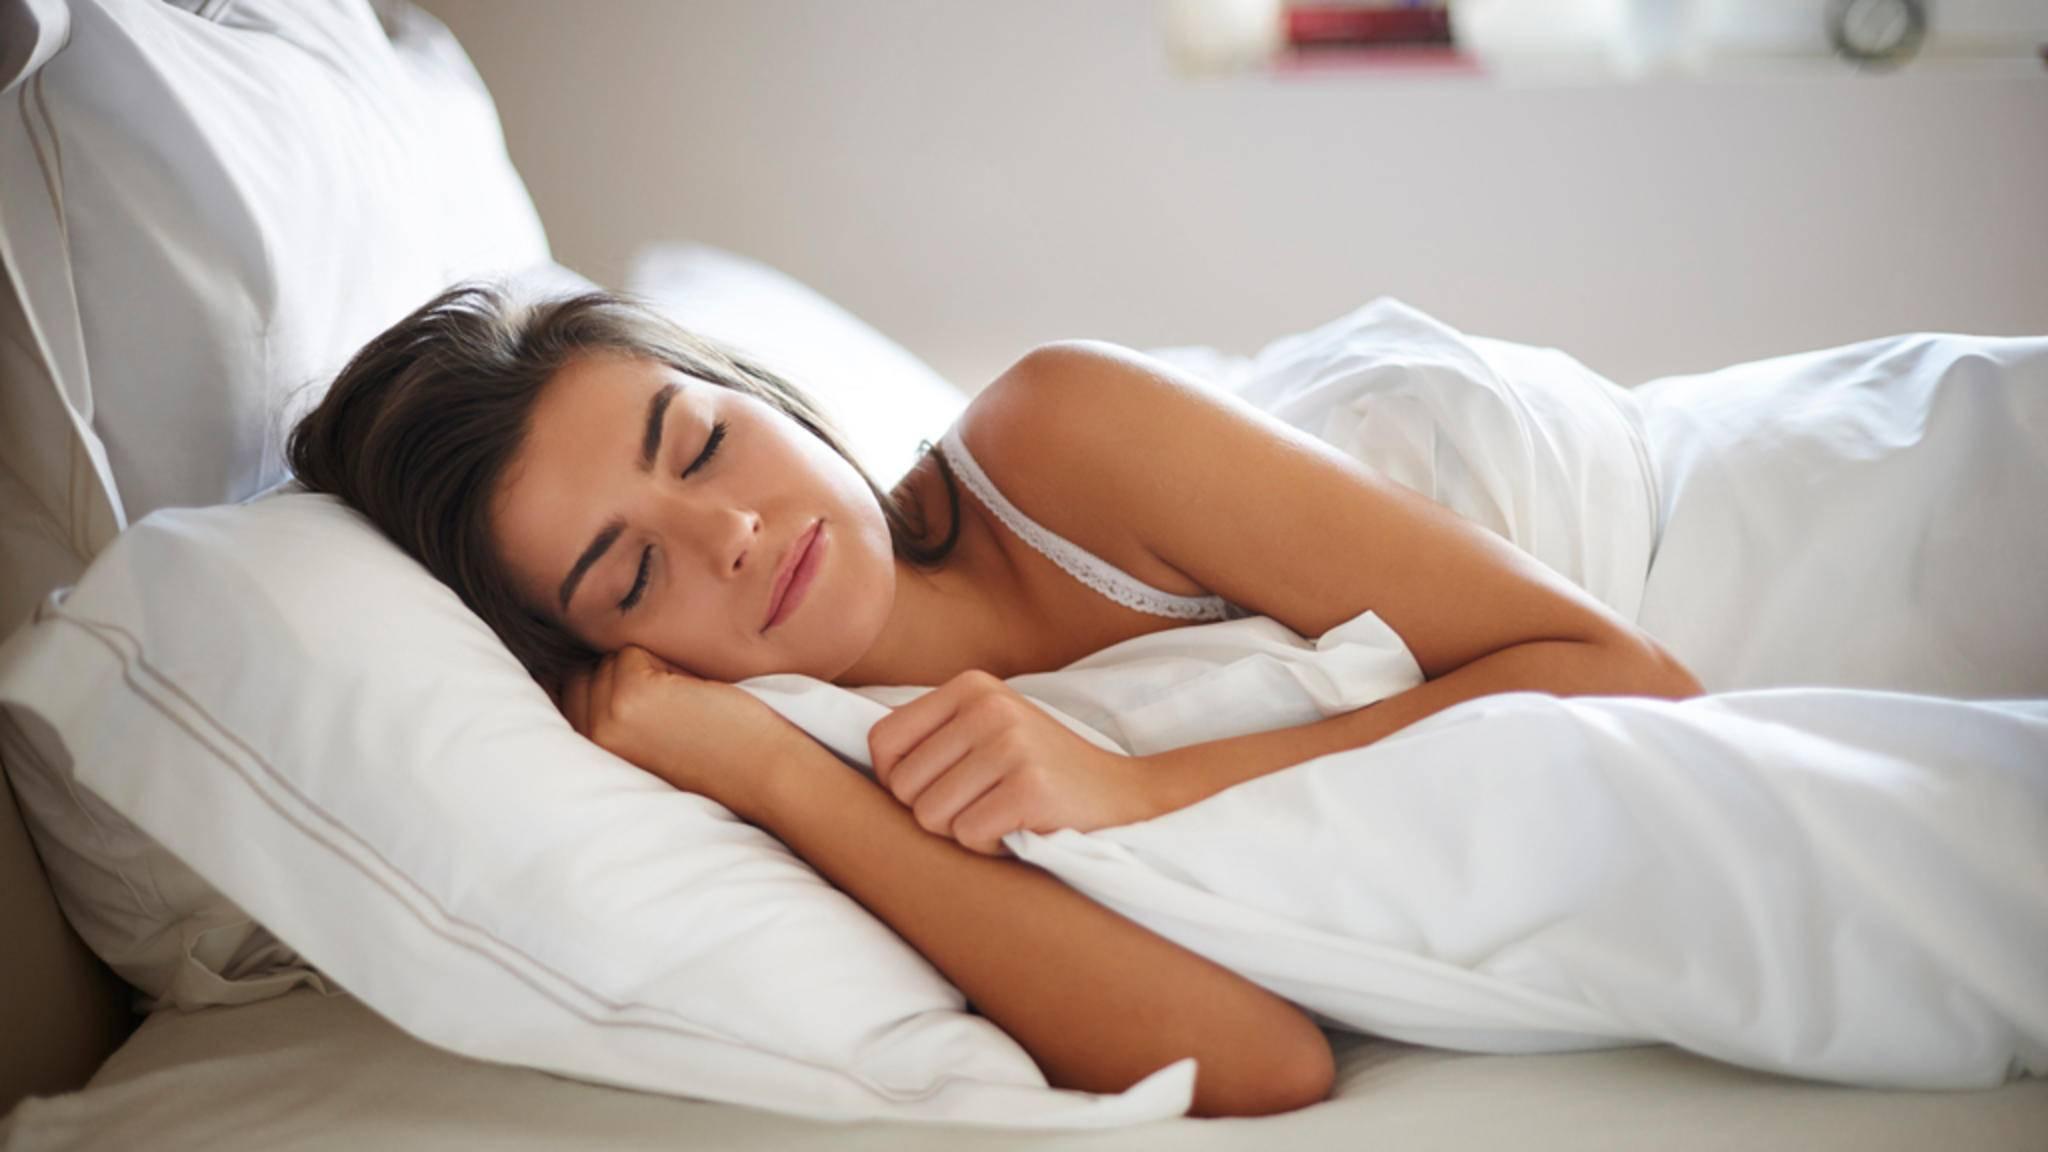 Wer eine genetische Veranlagung zu Übergewicht hat, sollte zwischen sieben und neun Stunden pro Nacht schlafen.